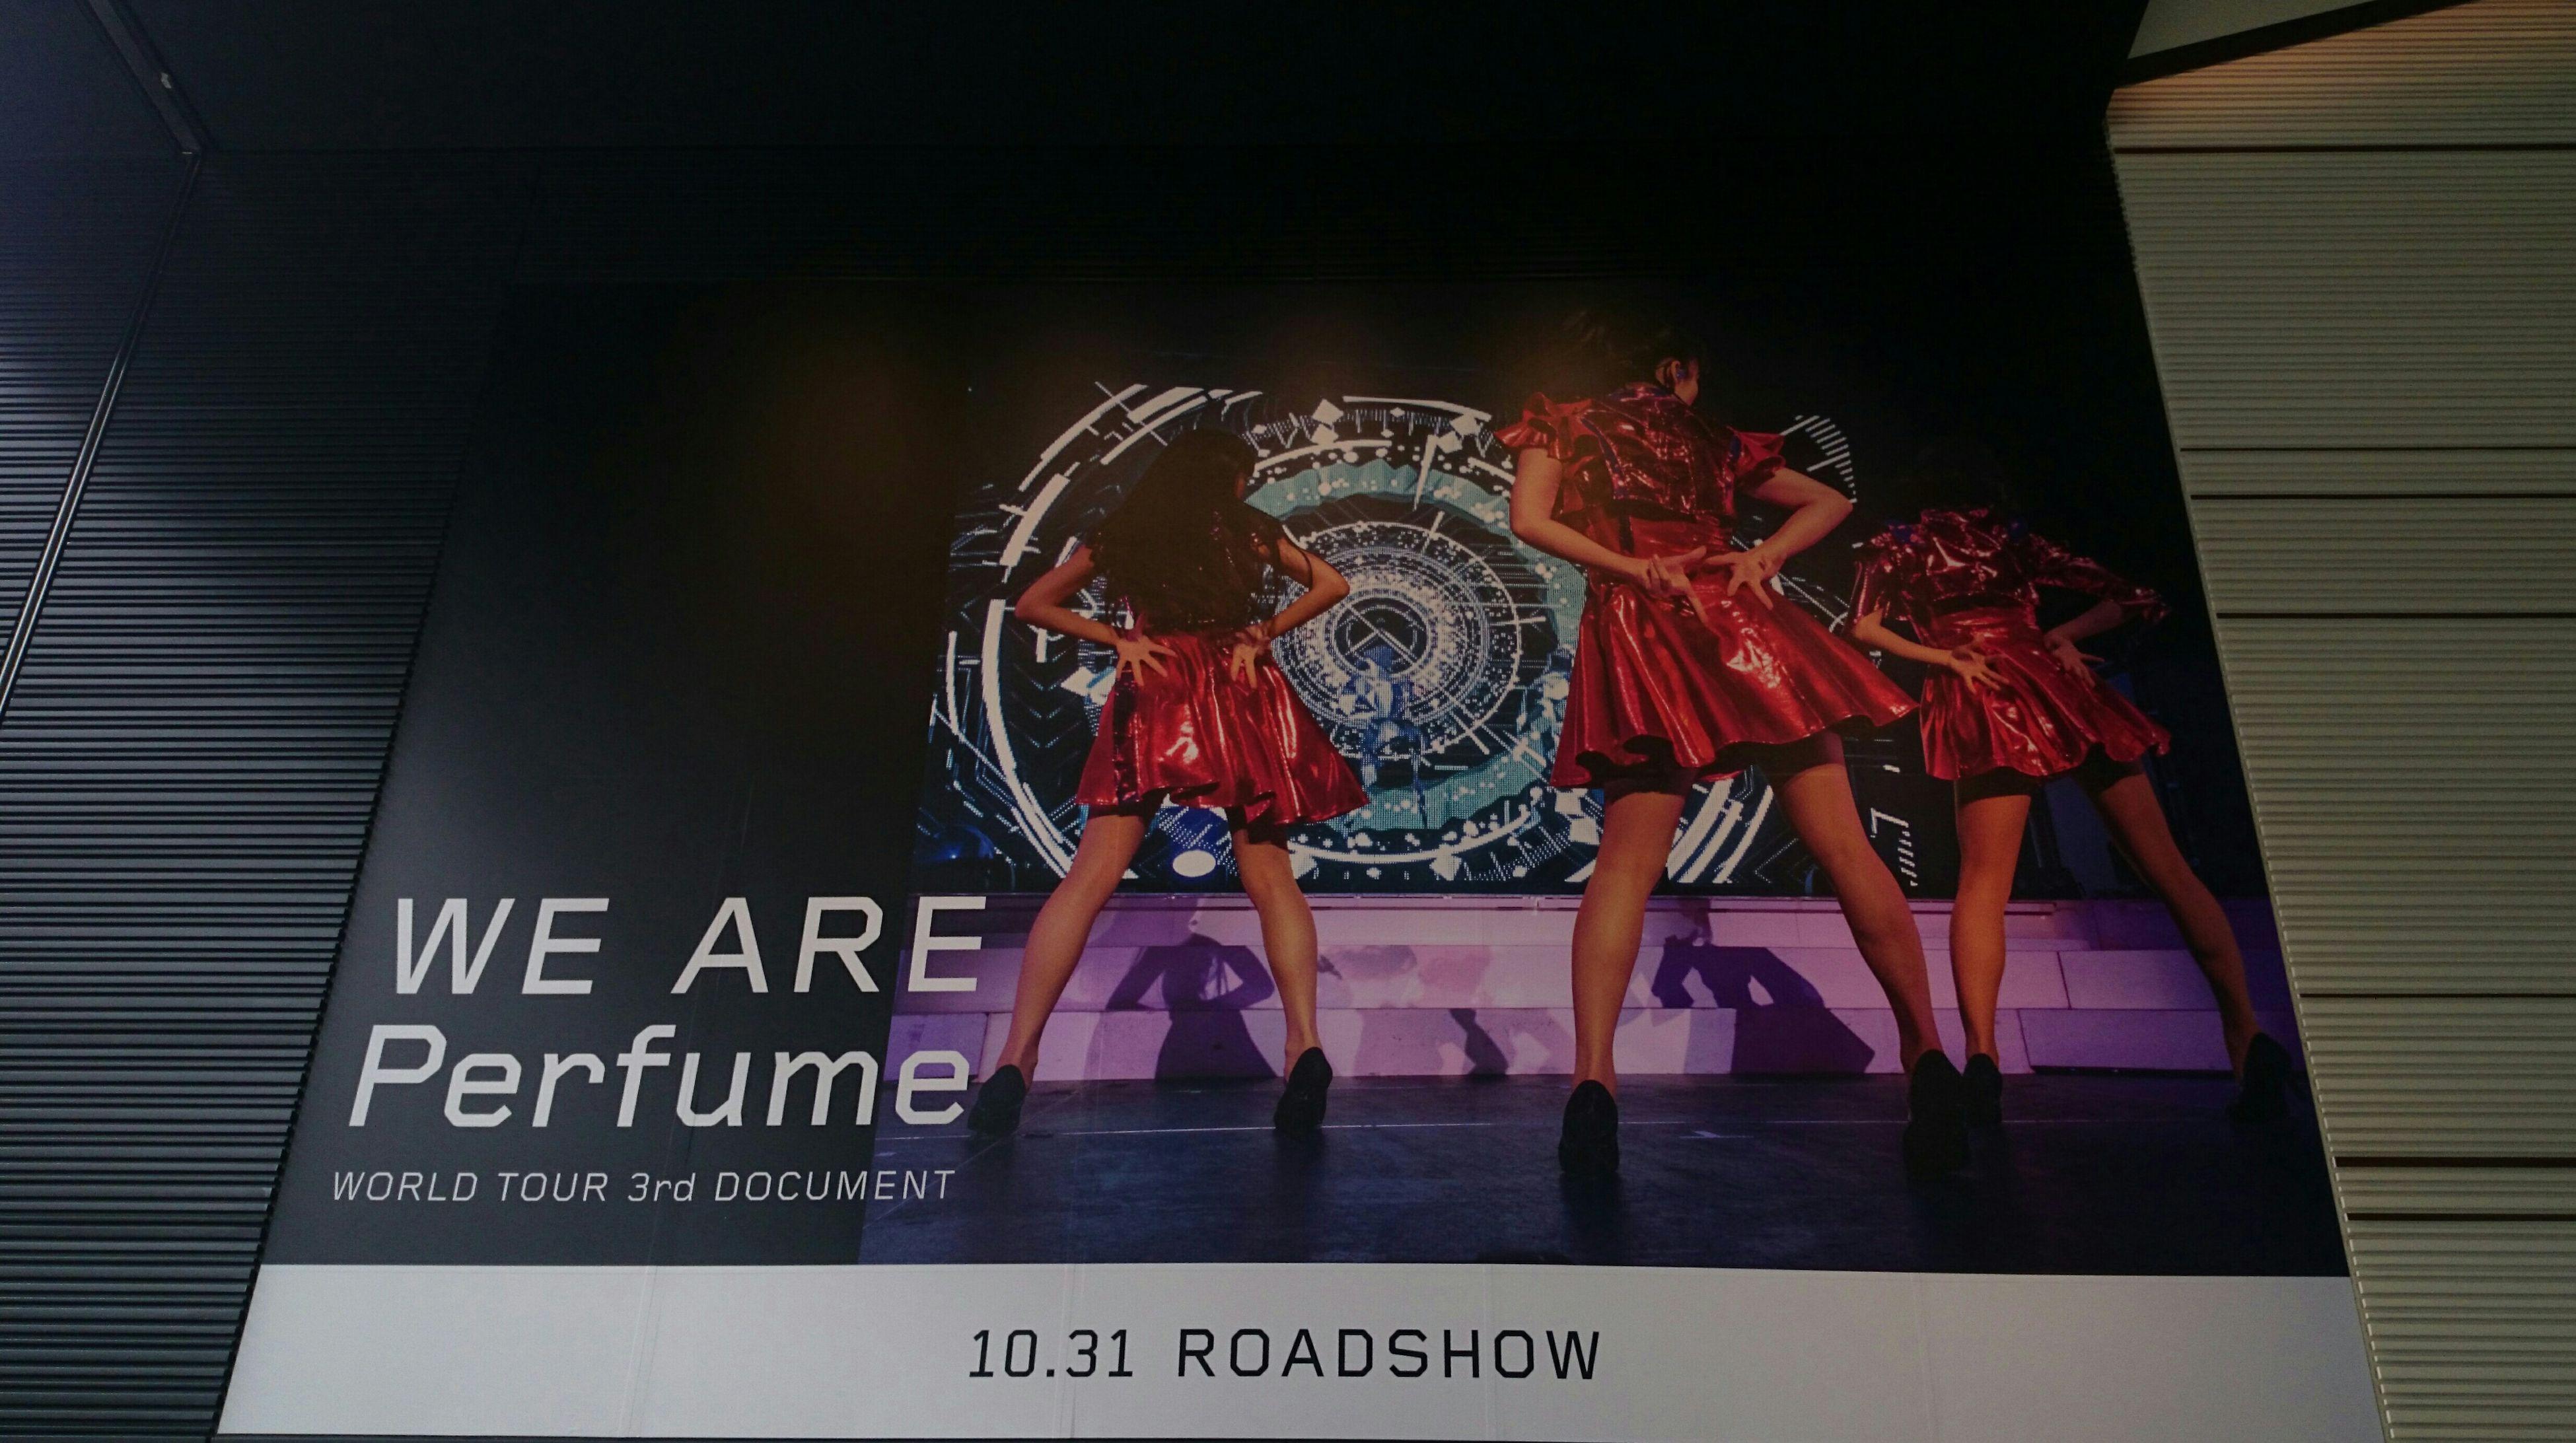 この映画観てきた♪I've watched this Movie!!! http://youtu.be/9uXFYOuXm70 WE ARE Perfume MOVIE Watching A Movie Hello World Enjoying Life Enjoying Time Check This Out Prfm Tokyo,Japan